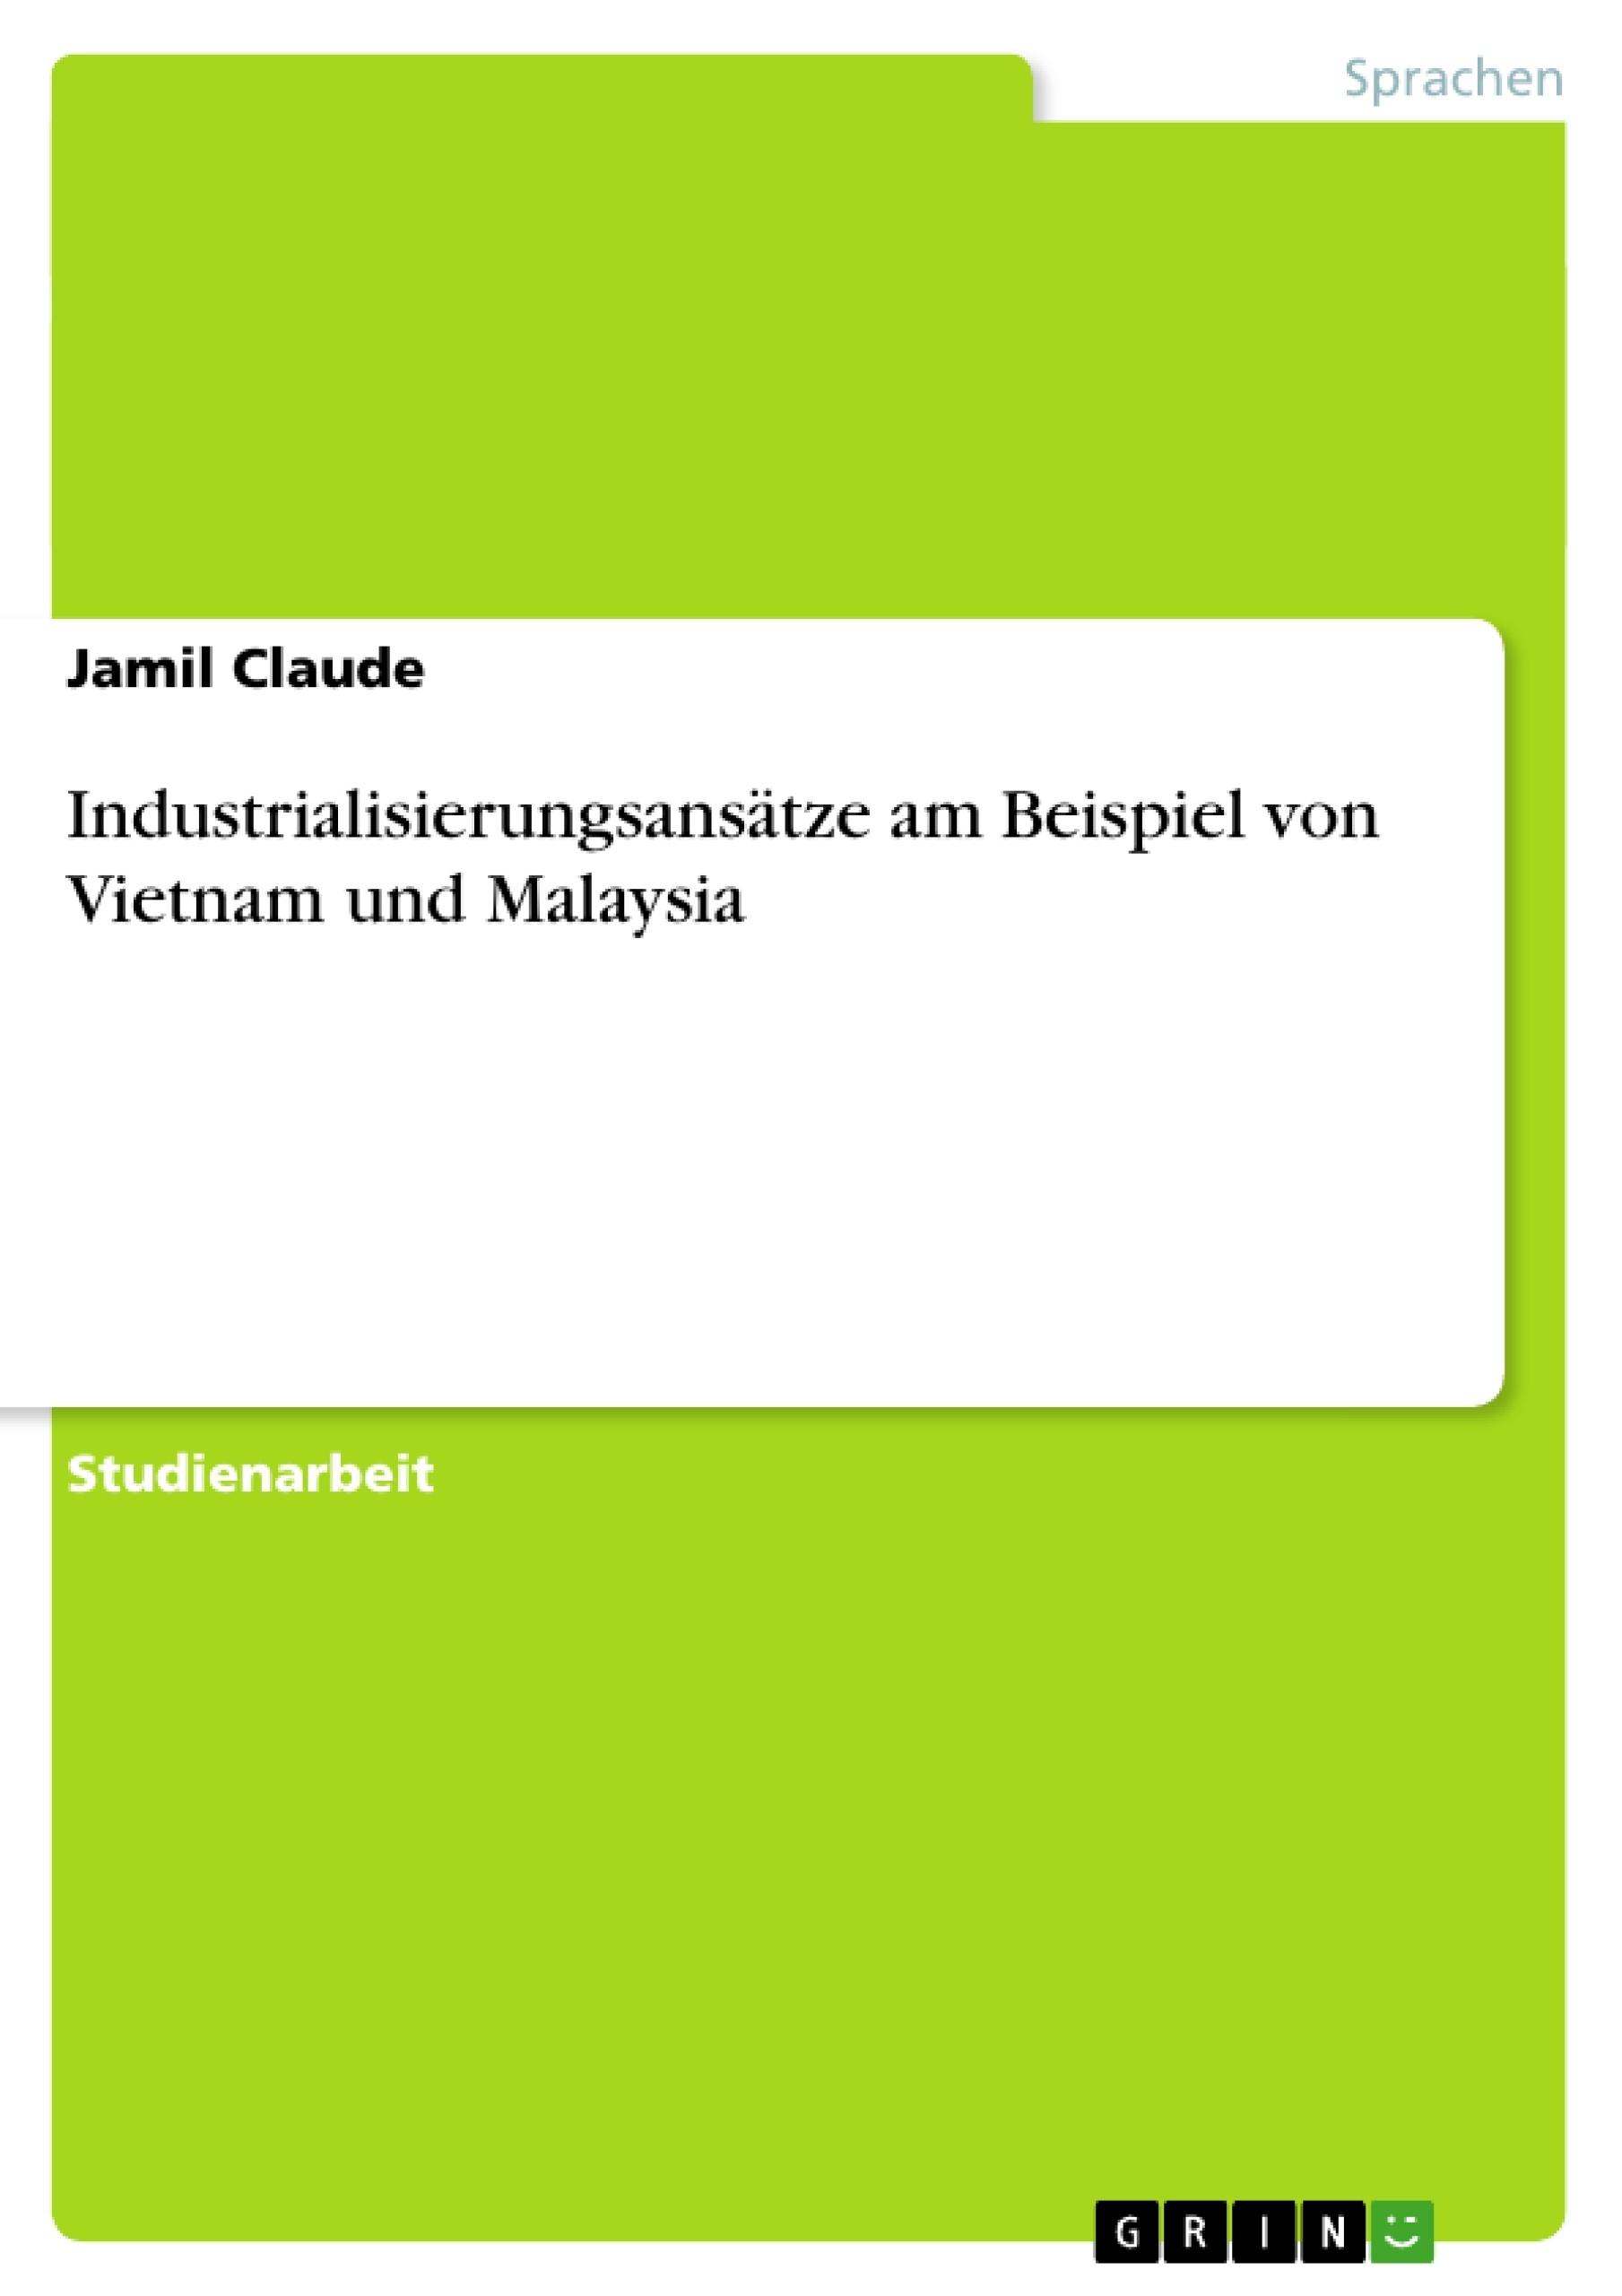 Titel: Industrialisierungsansätze am Beispiel von Vietnam und Malaysia